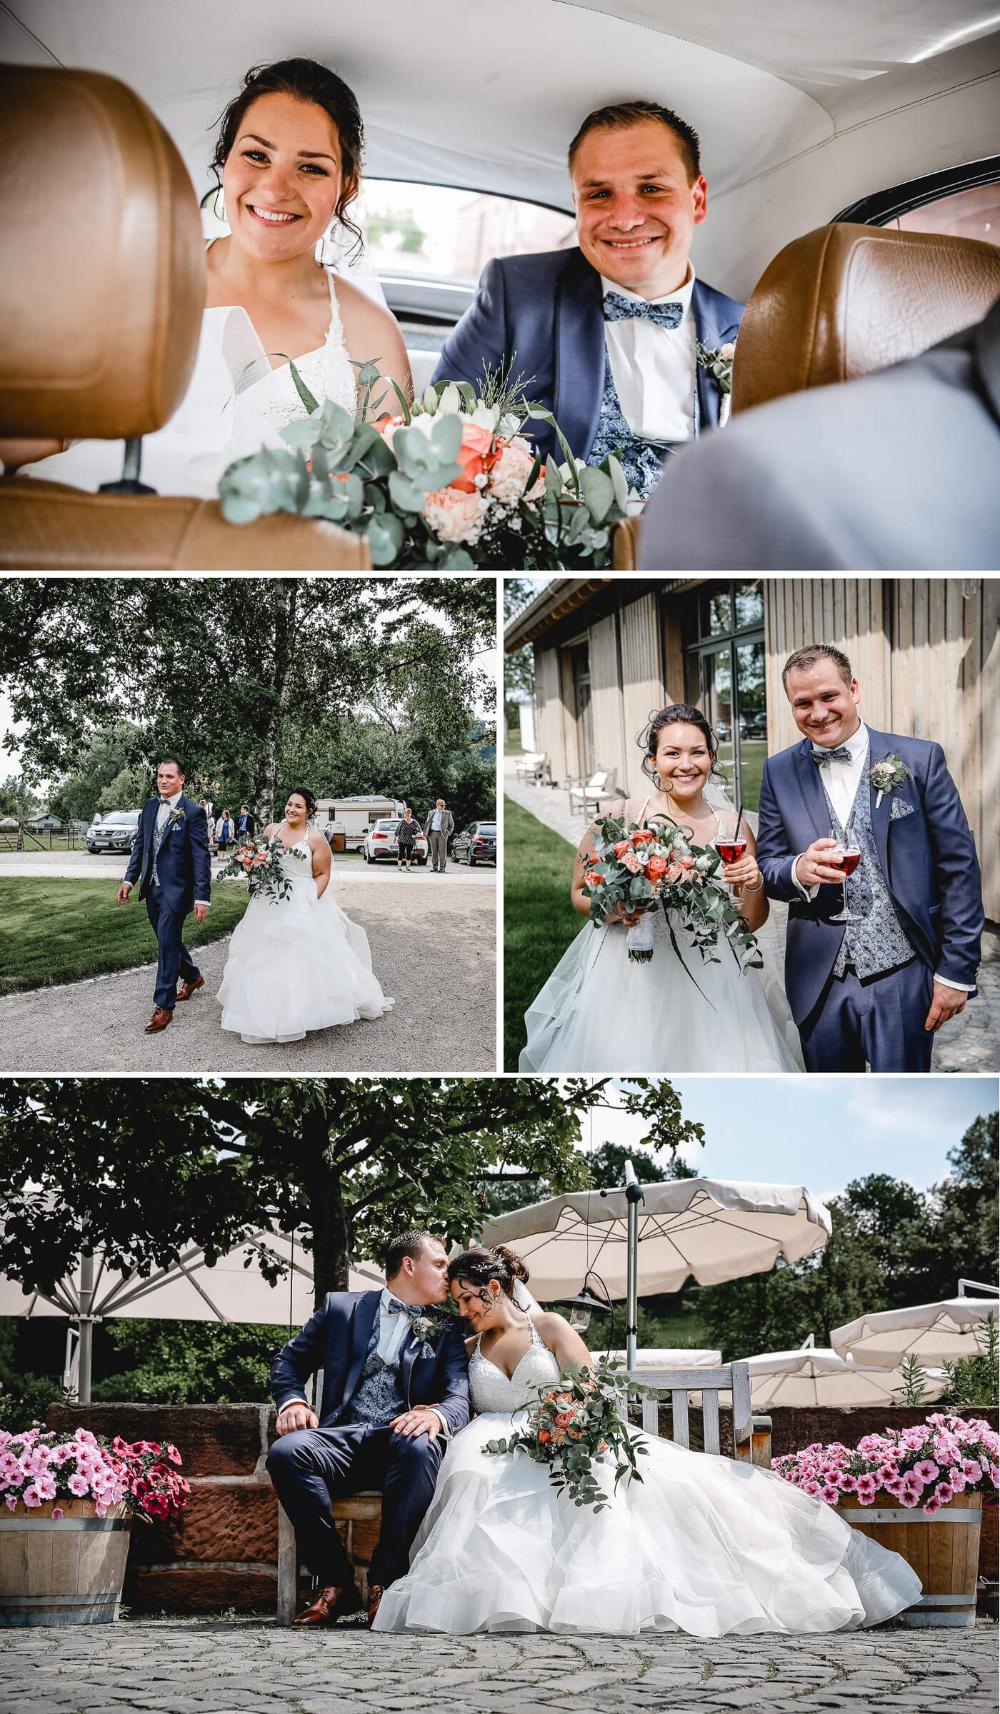 Die Besten Tipps Inspirationen Zur Scheunenhochzeit Scheunen Hochzeit Hochzeit Hochzeit Bilder